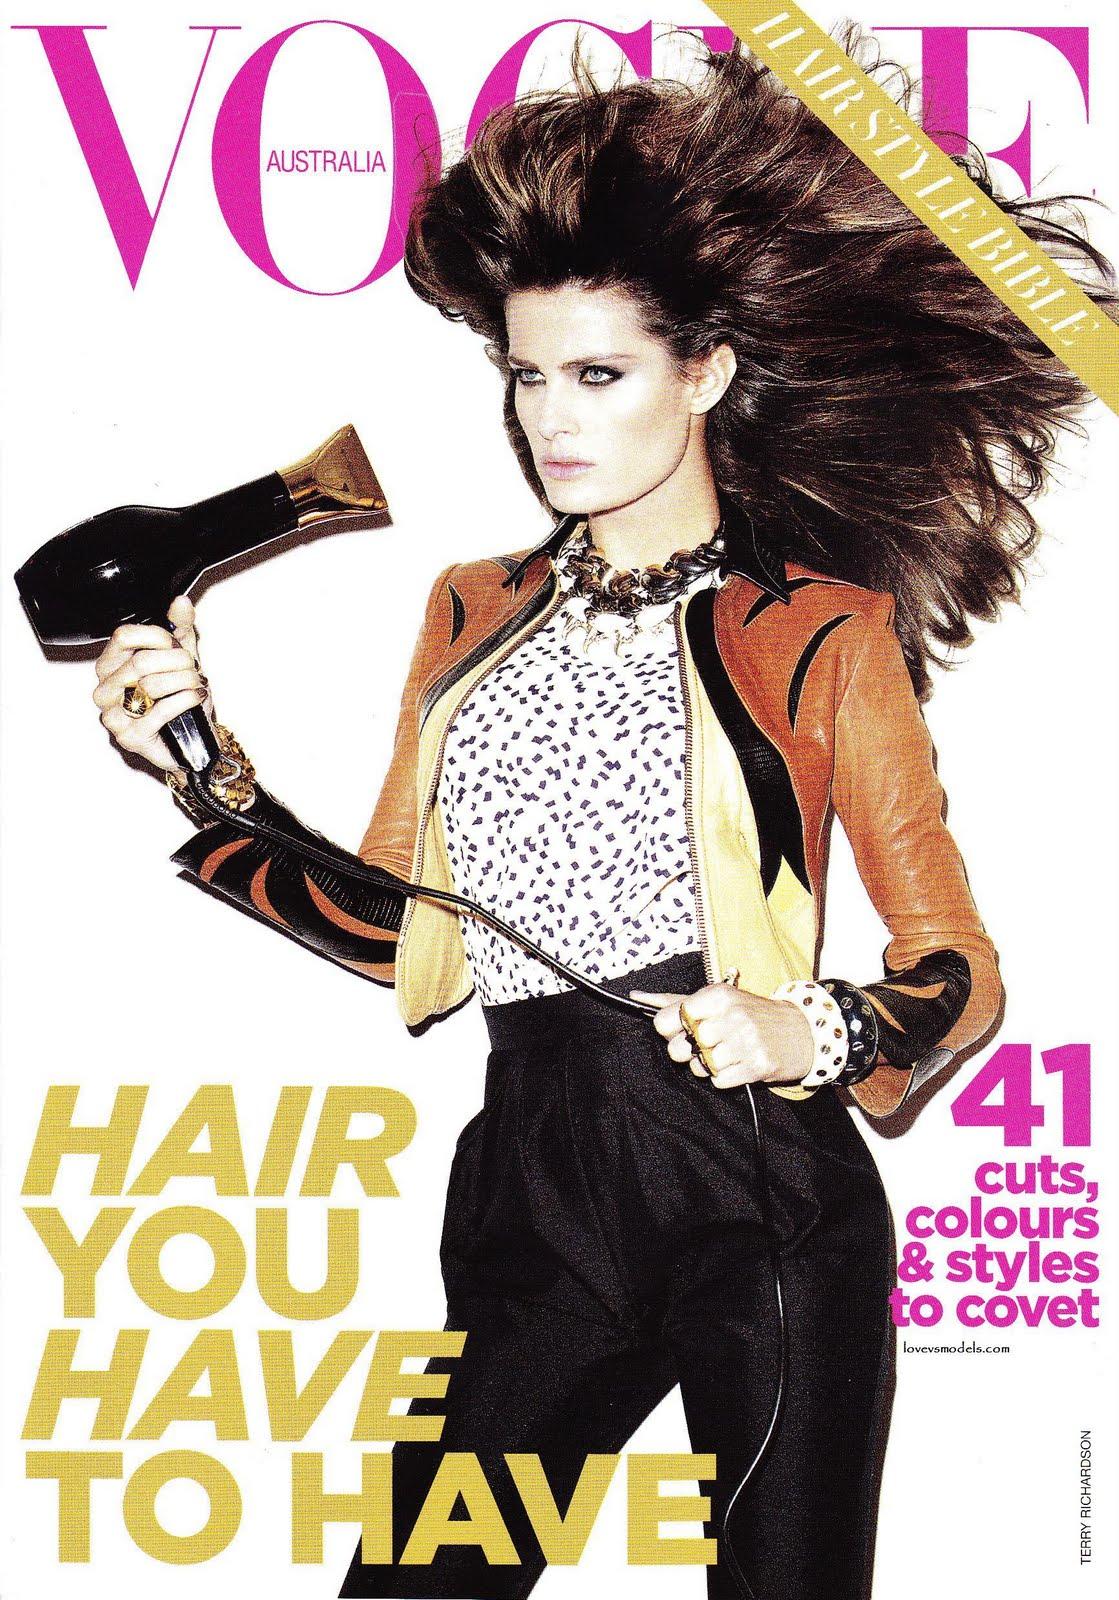 http://4.bp.blogspot.com/-wCmxi-ZoixI/TdUZQhAOfII/AAAAAAAAAJw/RAR4fKBX5nc/s1600/Vogue+Australia+June+2011%255B1%255D.jpg